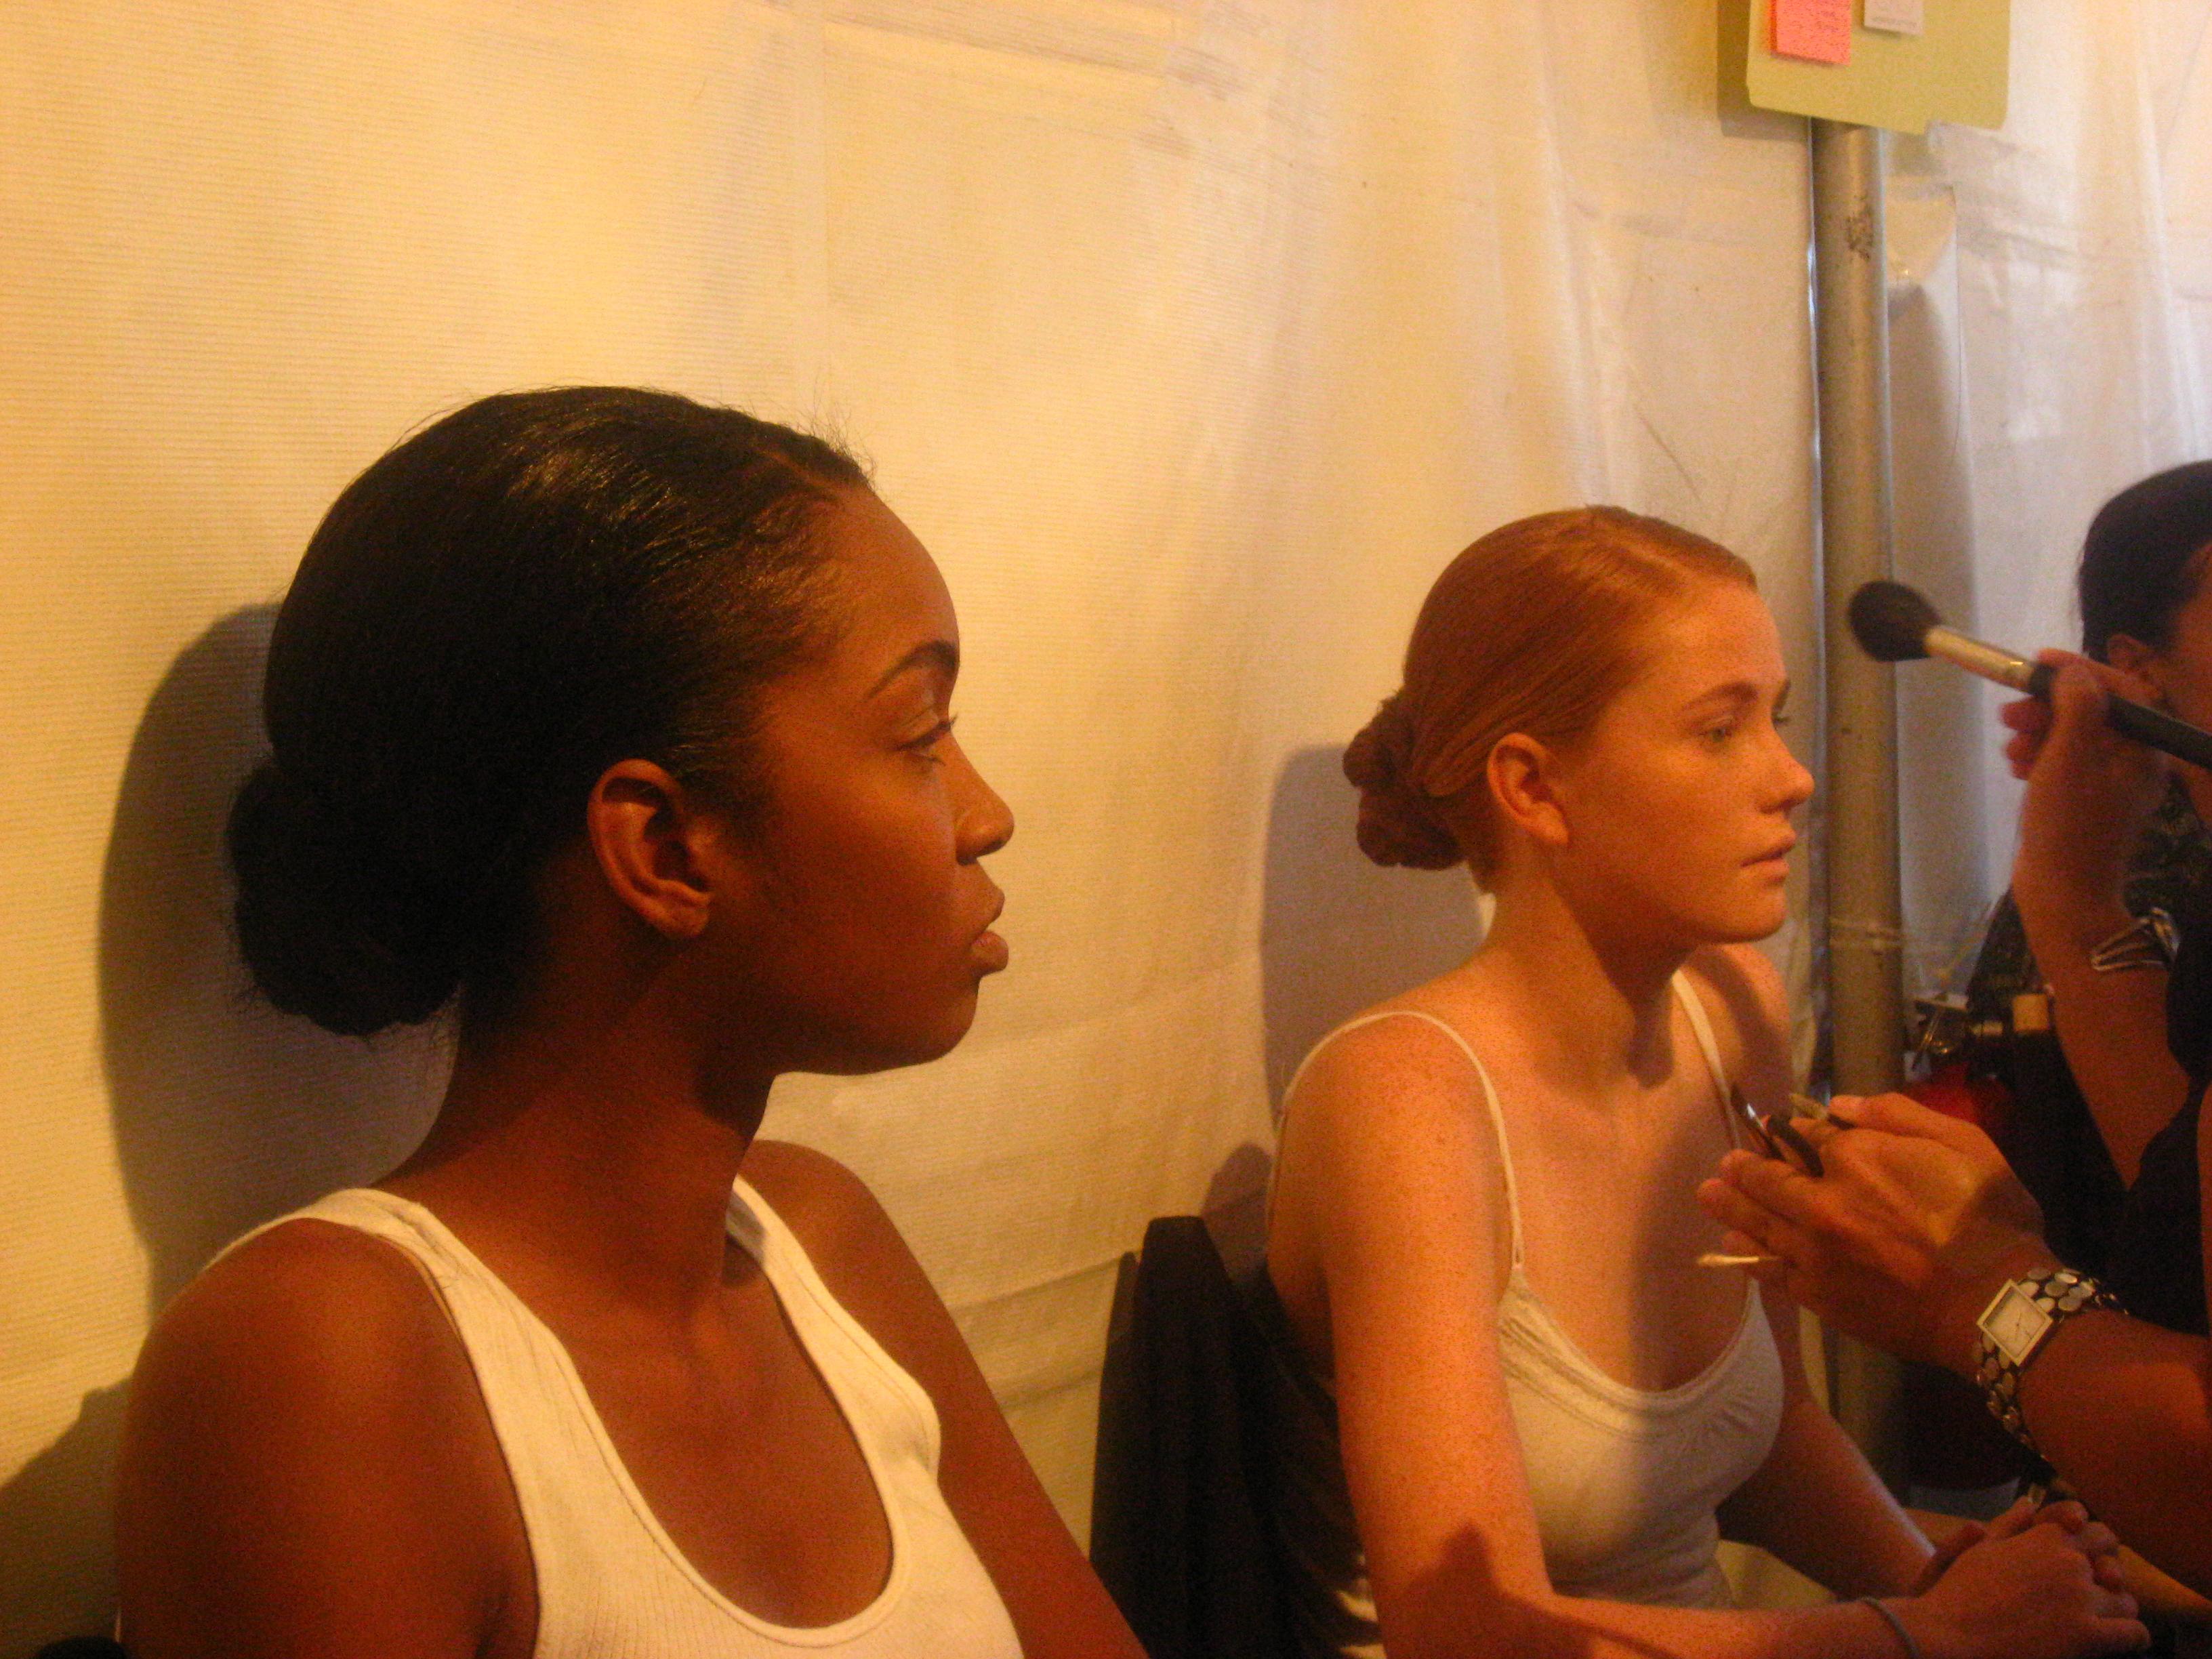 Backstage Beauty at San Francisco Fashion Week